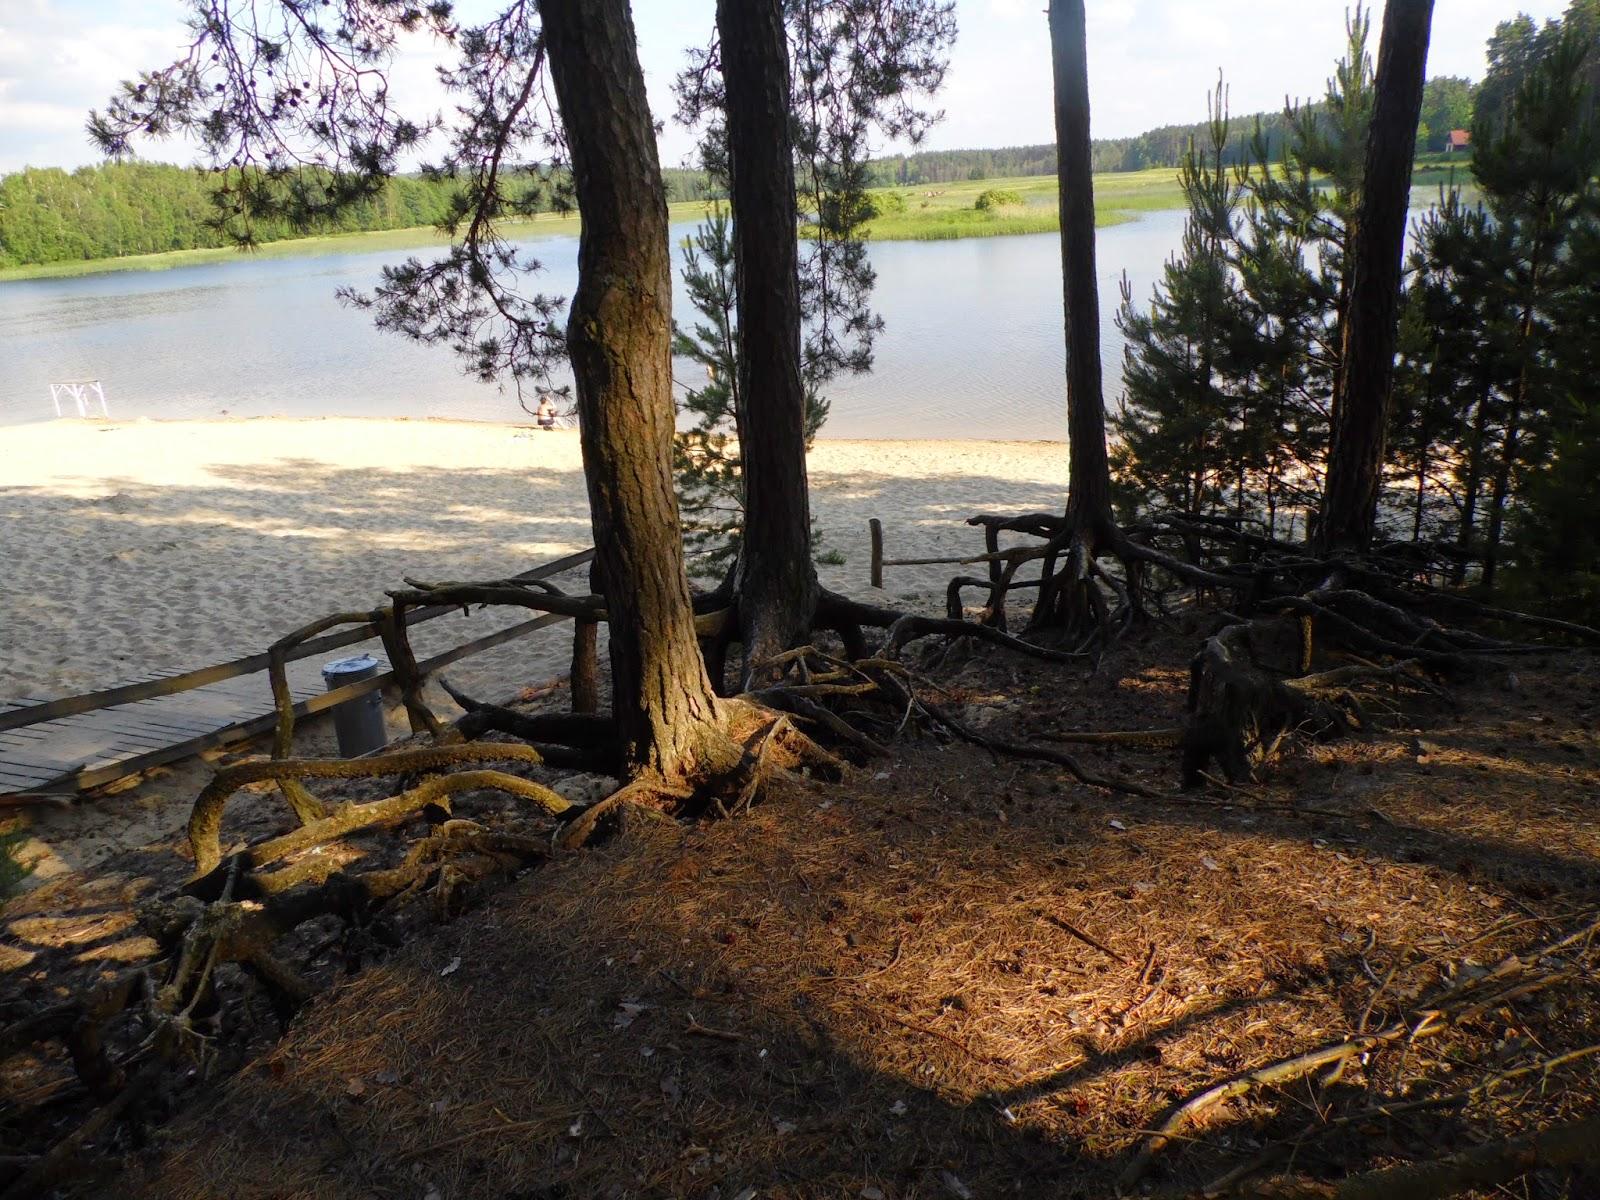 Nagie korzenie na tle plaży i lustra wody Stawów Echo w Zwierzyńcu na Roztoczu Środkowym